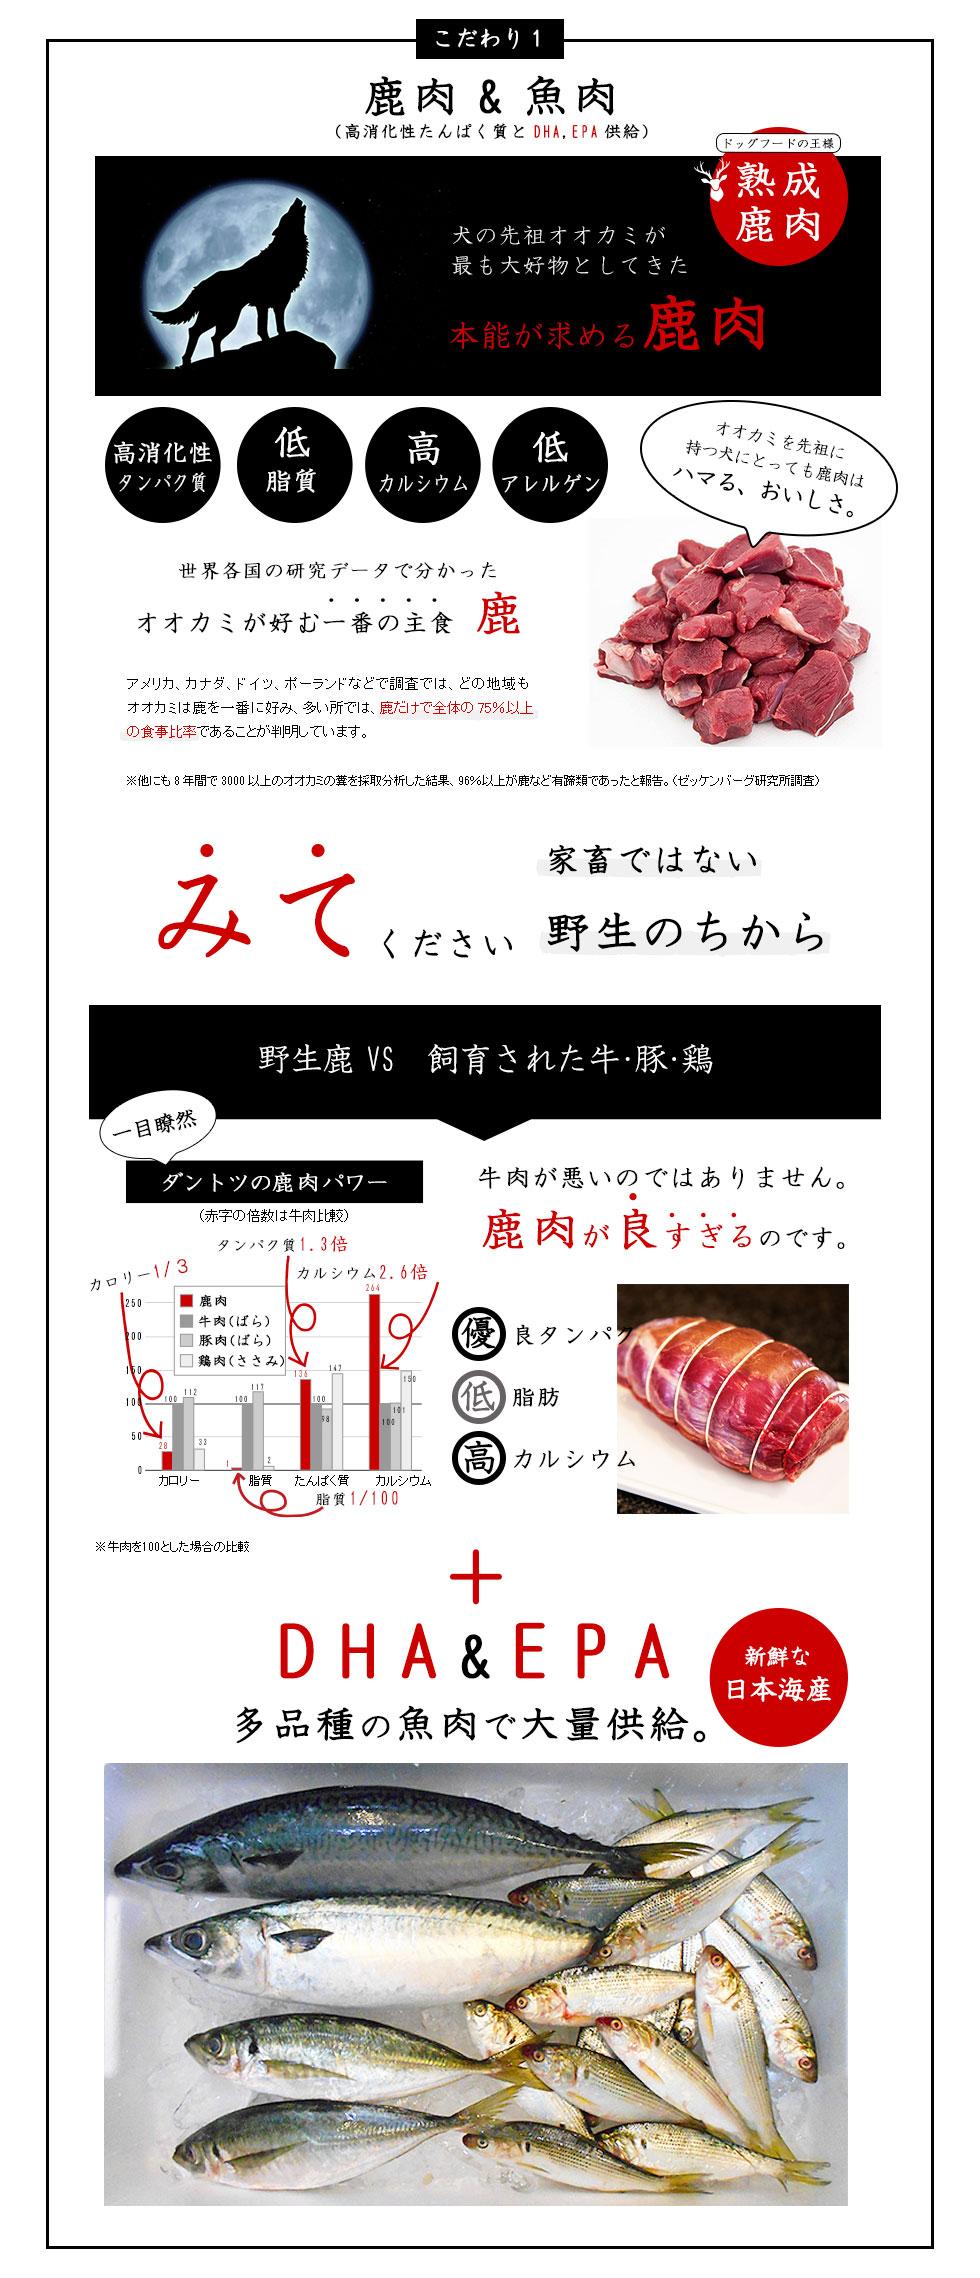 こだわり1 鹿肉&魚肉(高消化性たんぱく質とDHA、EPA供給)